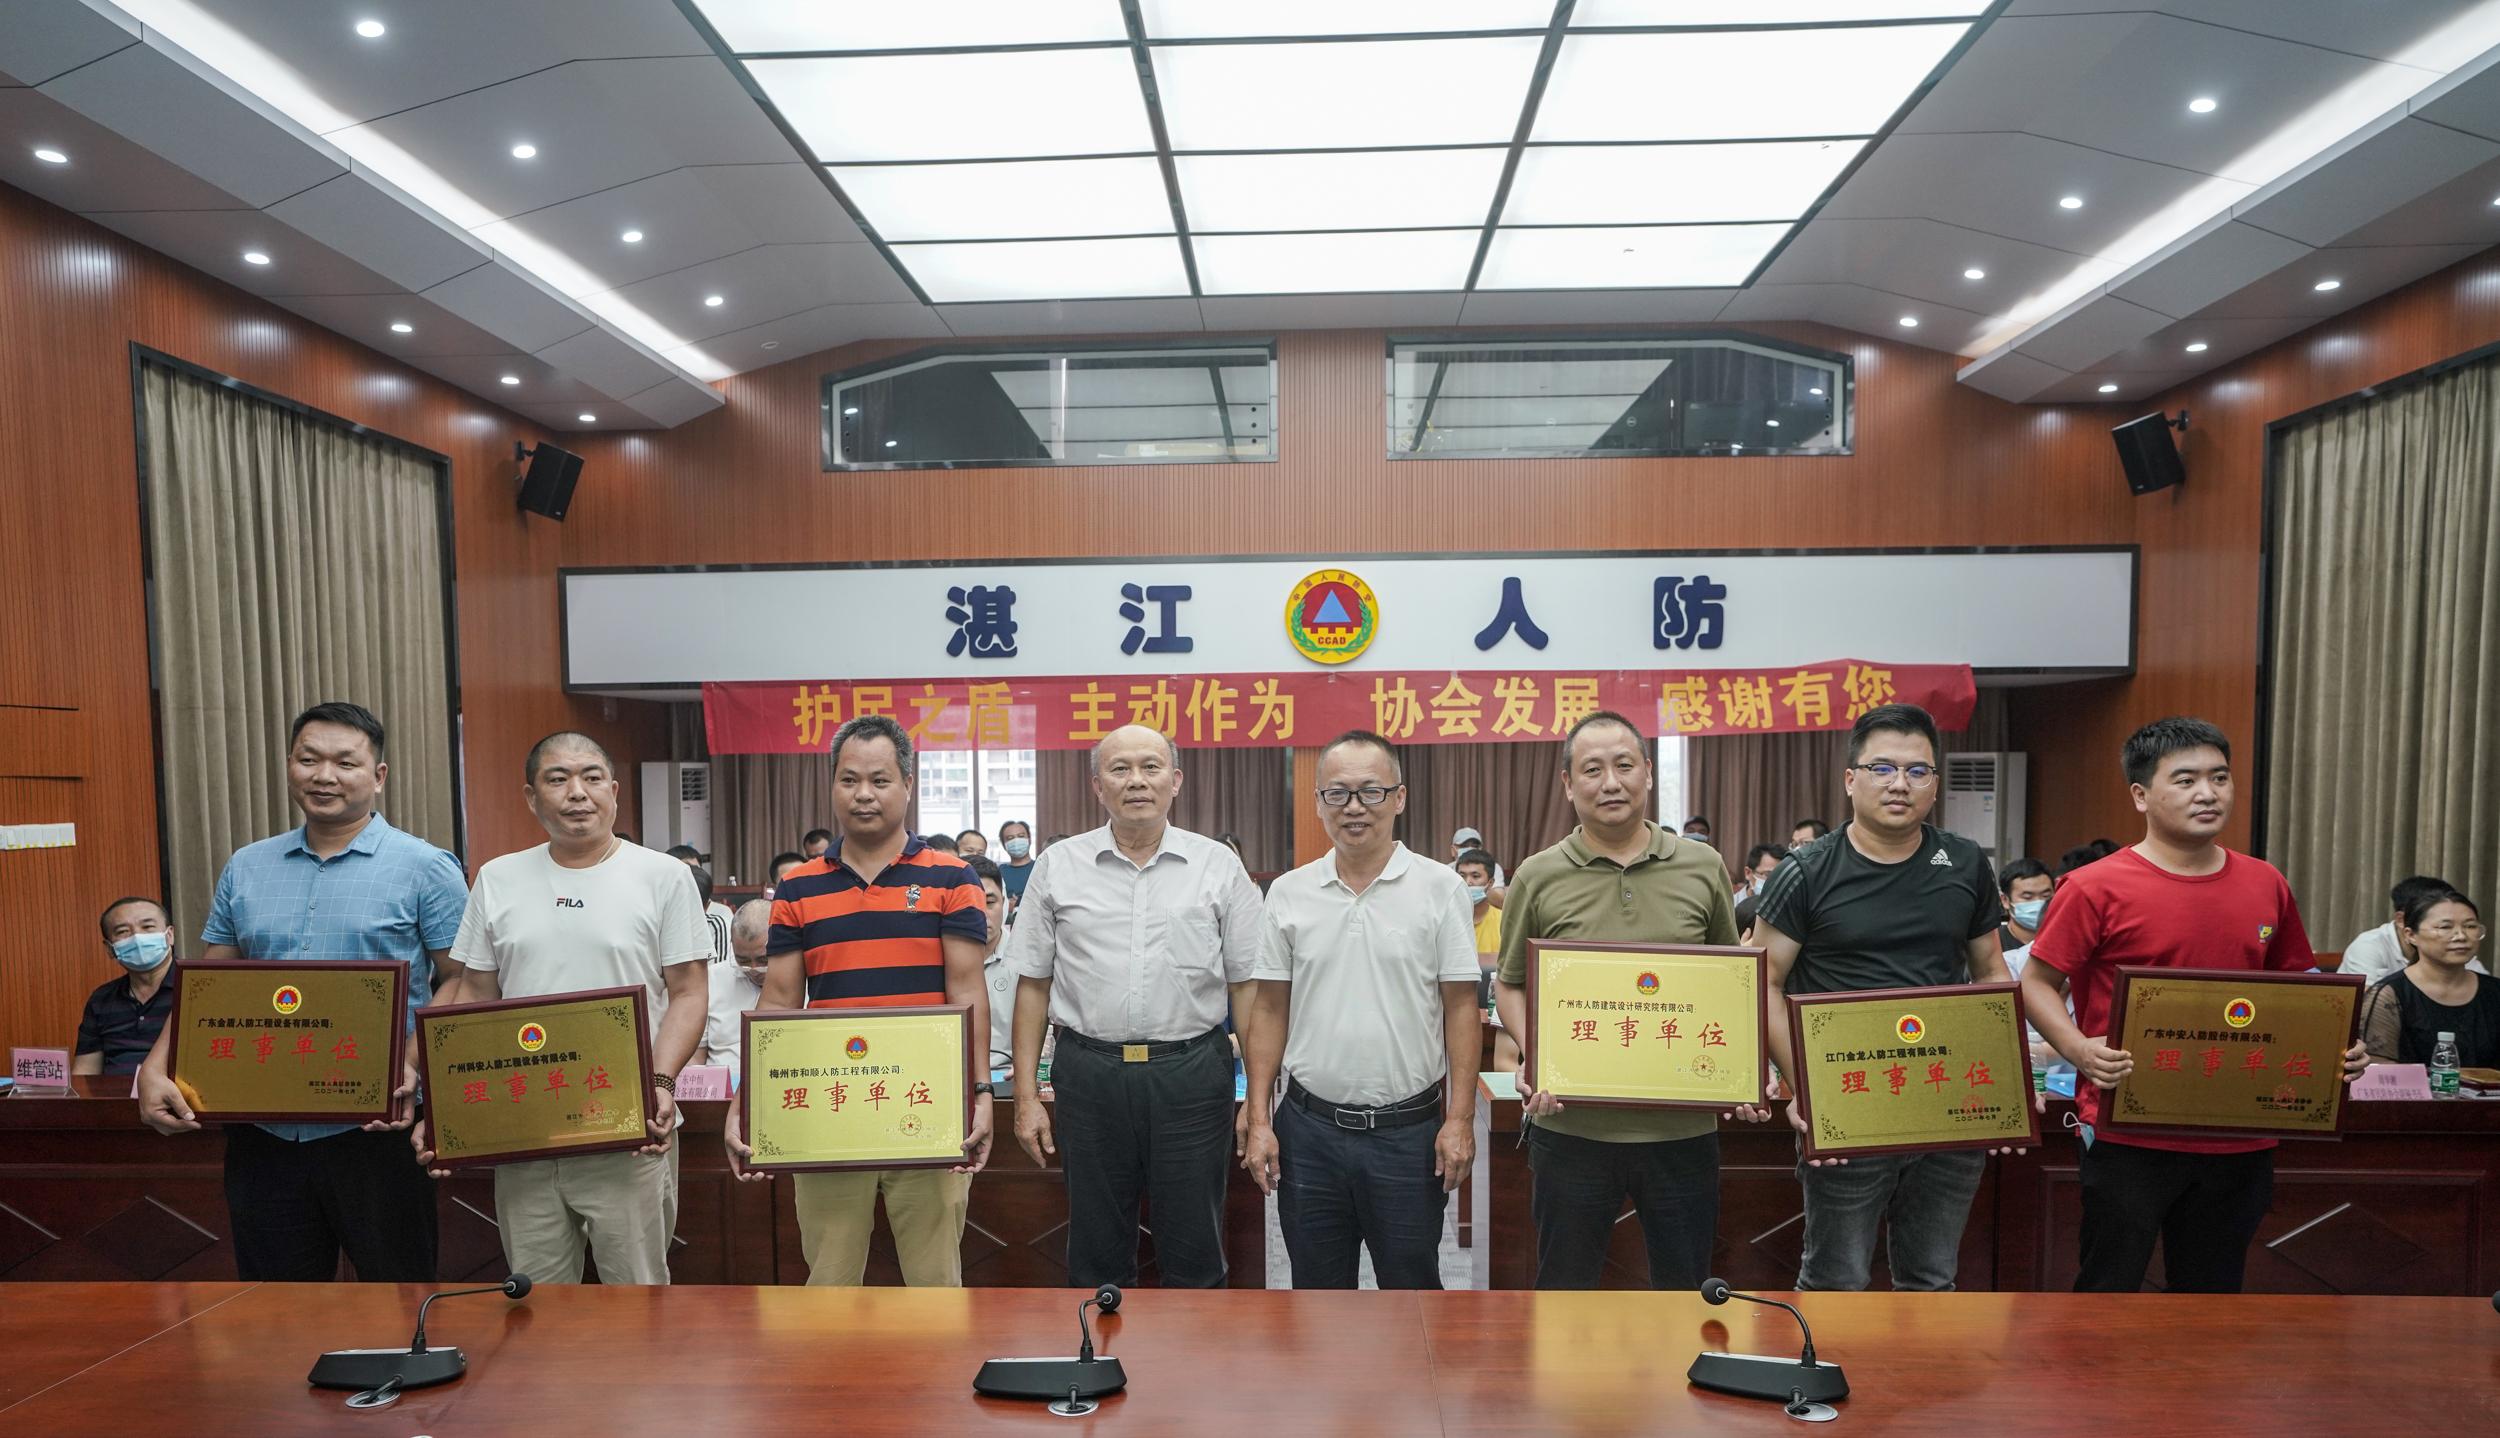 第二届理事会单位领取会员证牌